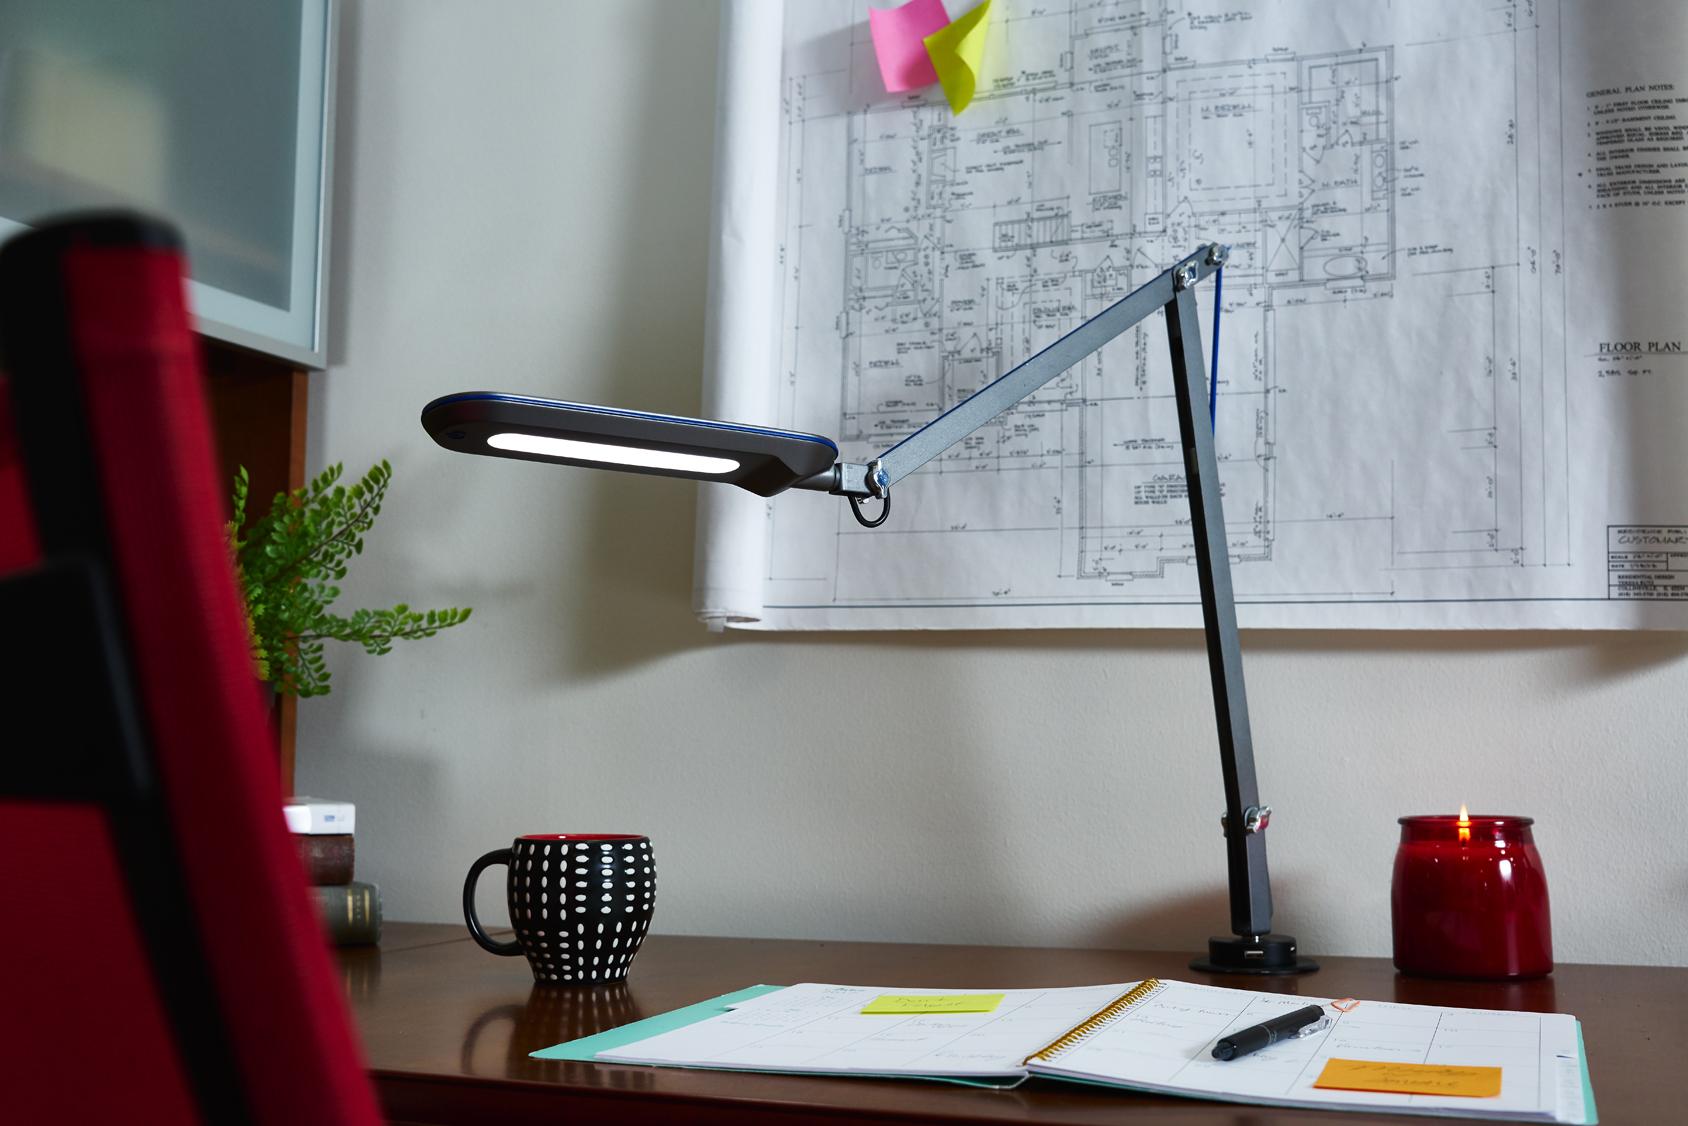 ottlite-reach-crane-lamp-grommet4